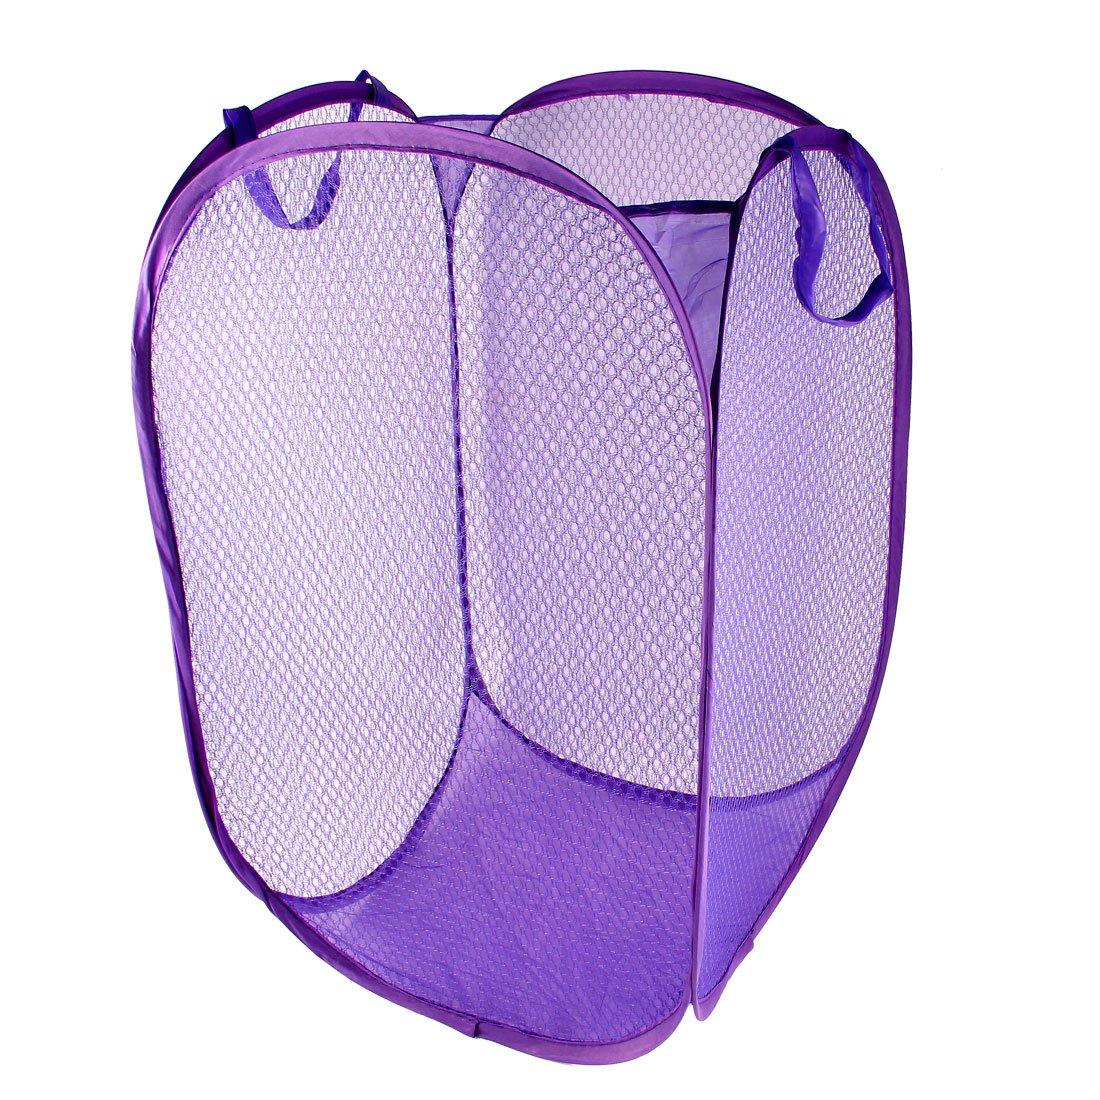 Cesta para bicicleta para la ropa sucia Pop Up juego de Cesta plegable para la ropa morado: Amazon.es: Hogar